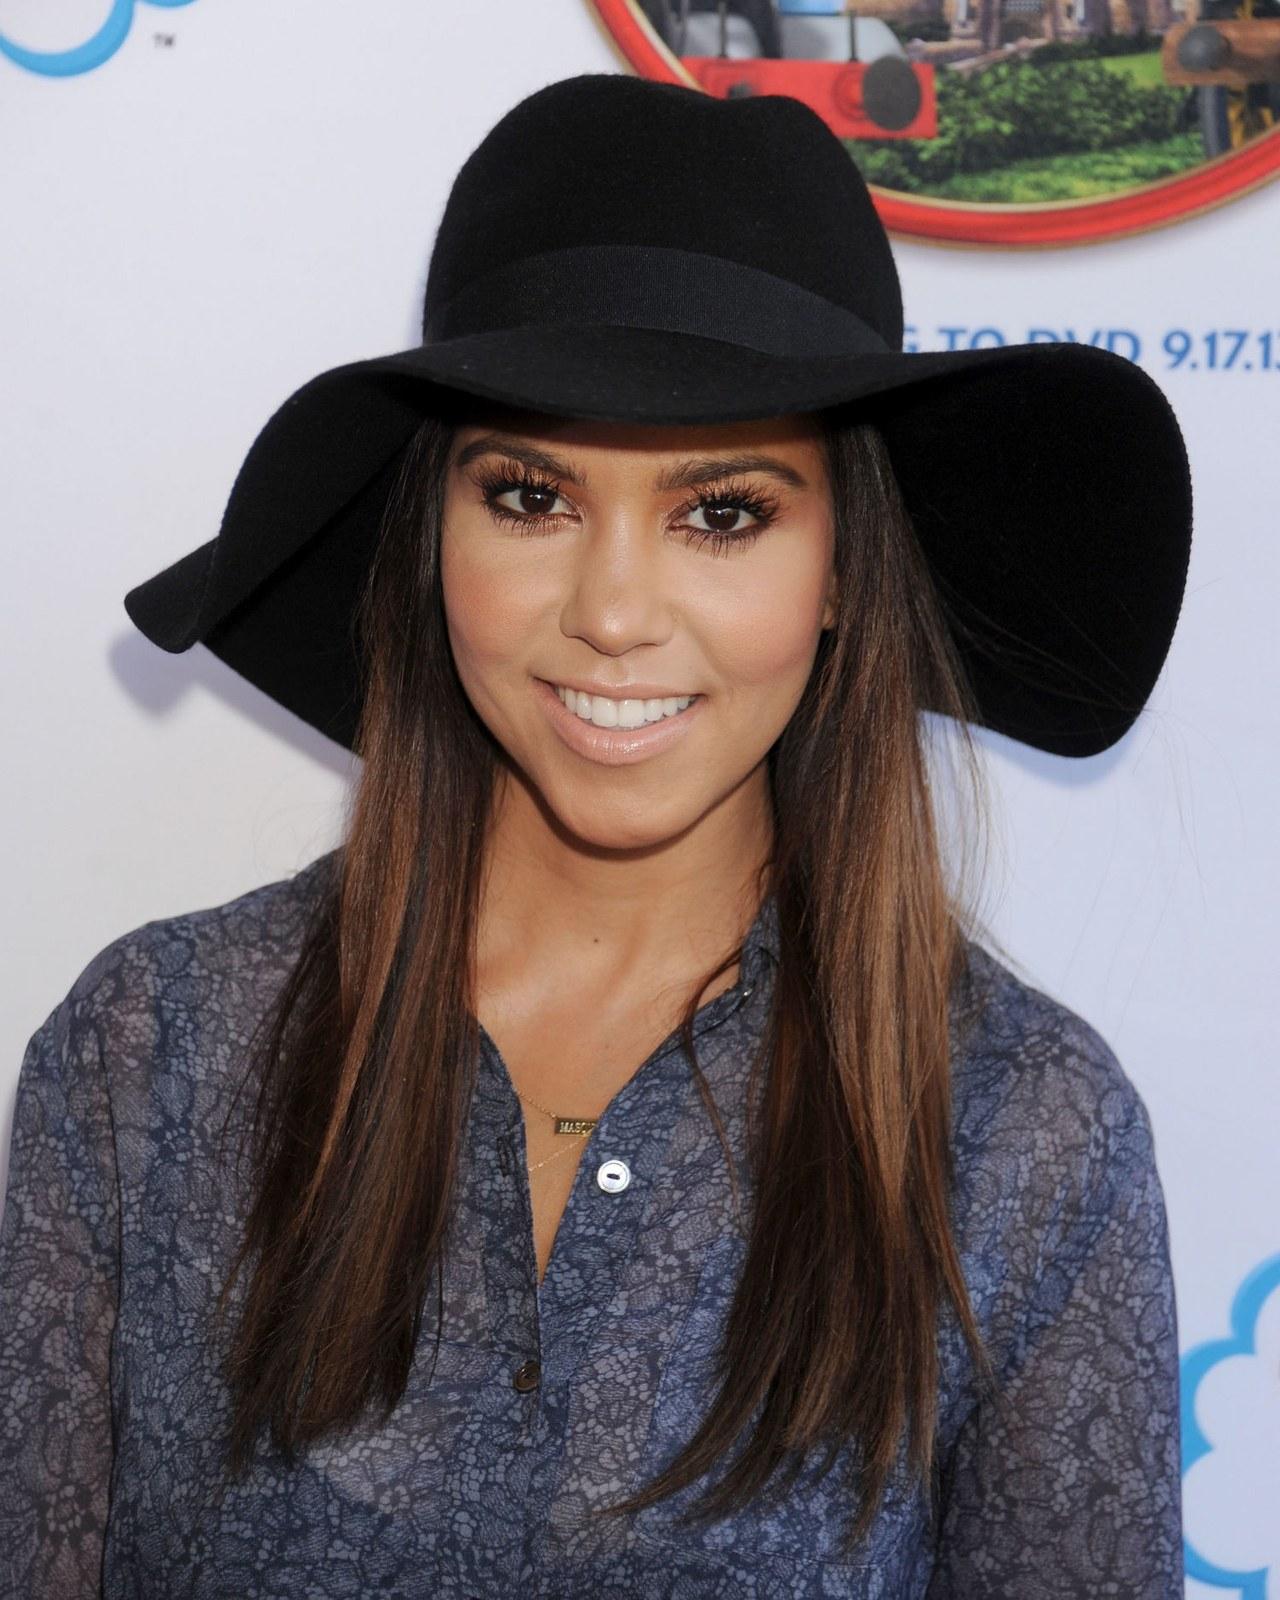 what-to-wear-heart-face-shape-style-haircut-sunglasses-hat-earrings-jewelry-kourtneykardashian-hat.jpg